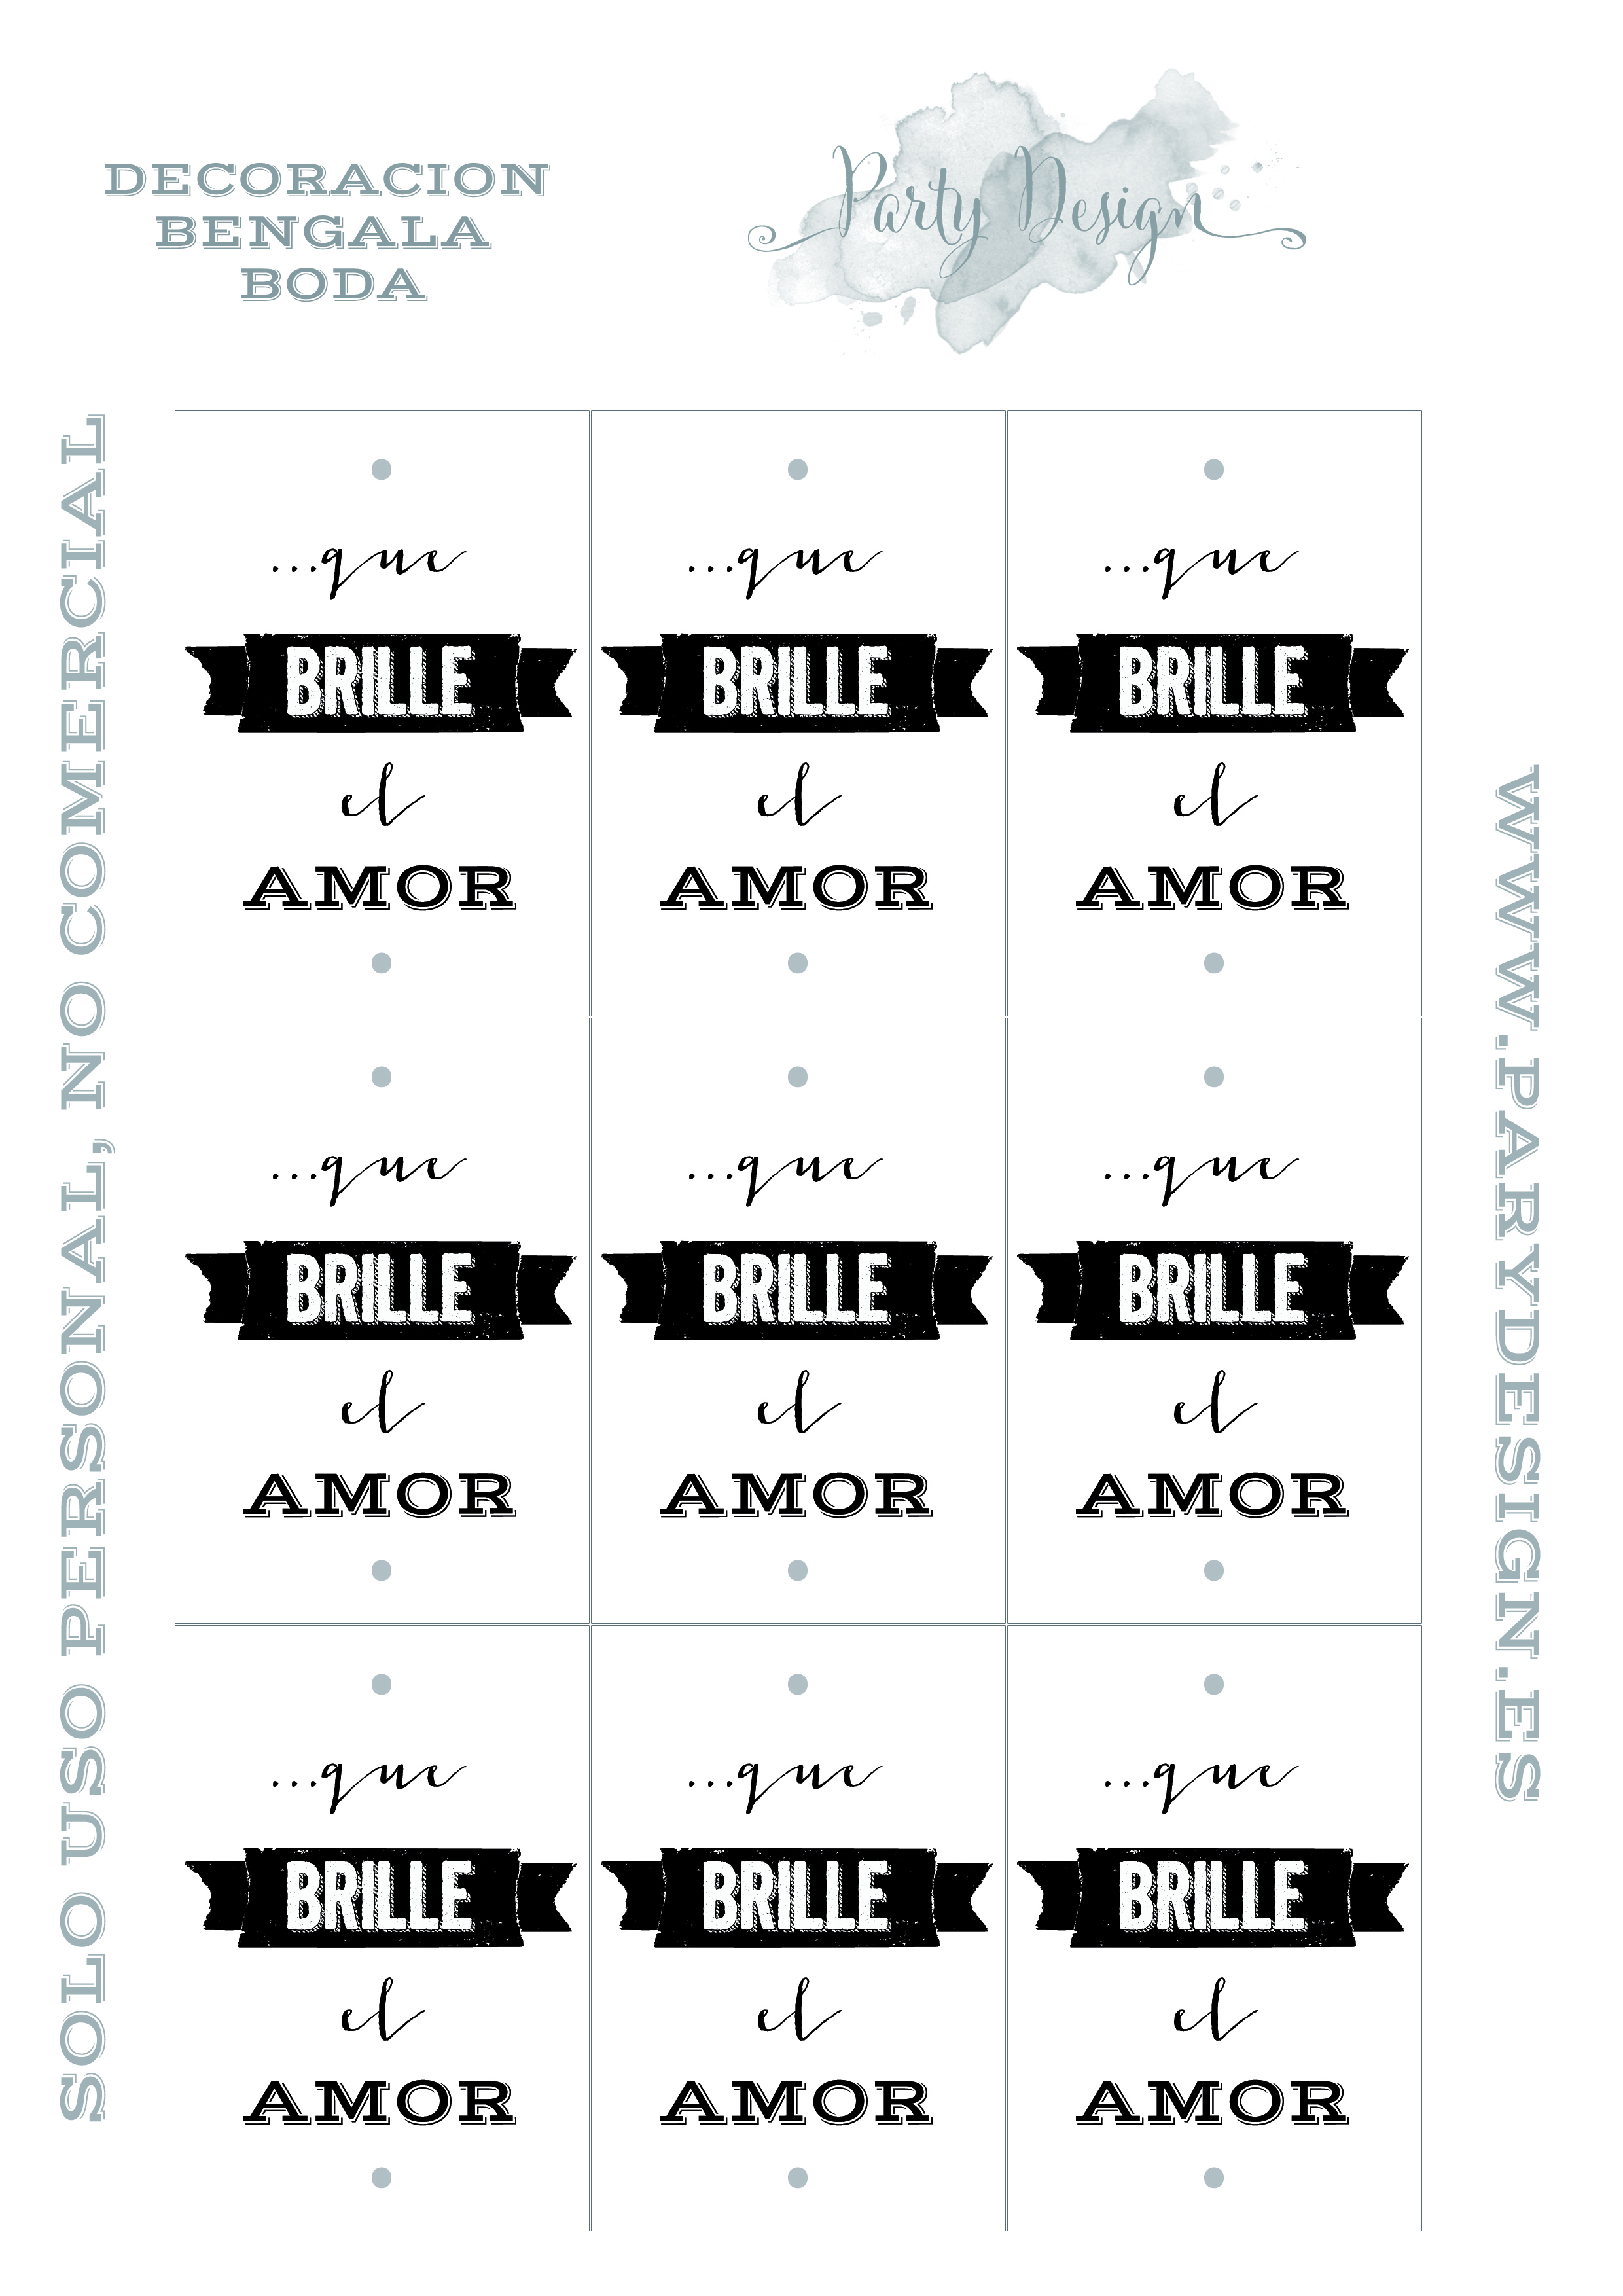 Plantillas descargables para tu boda | Burgos Nupcial